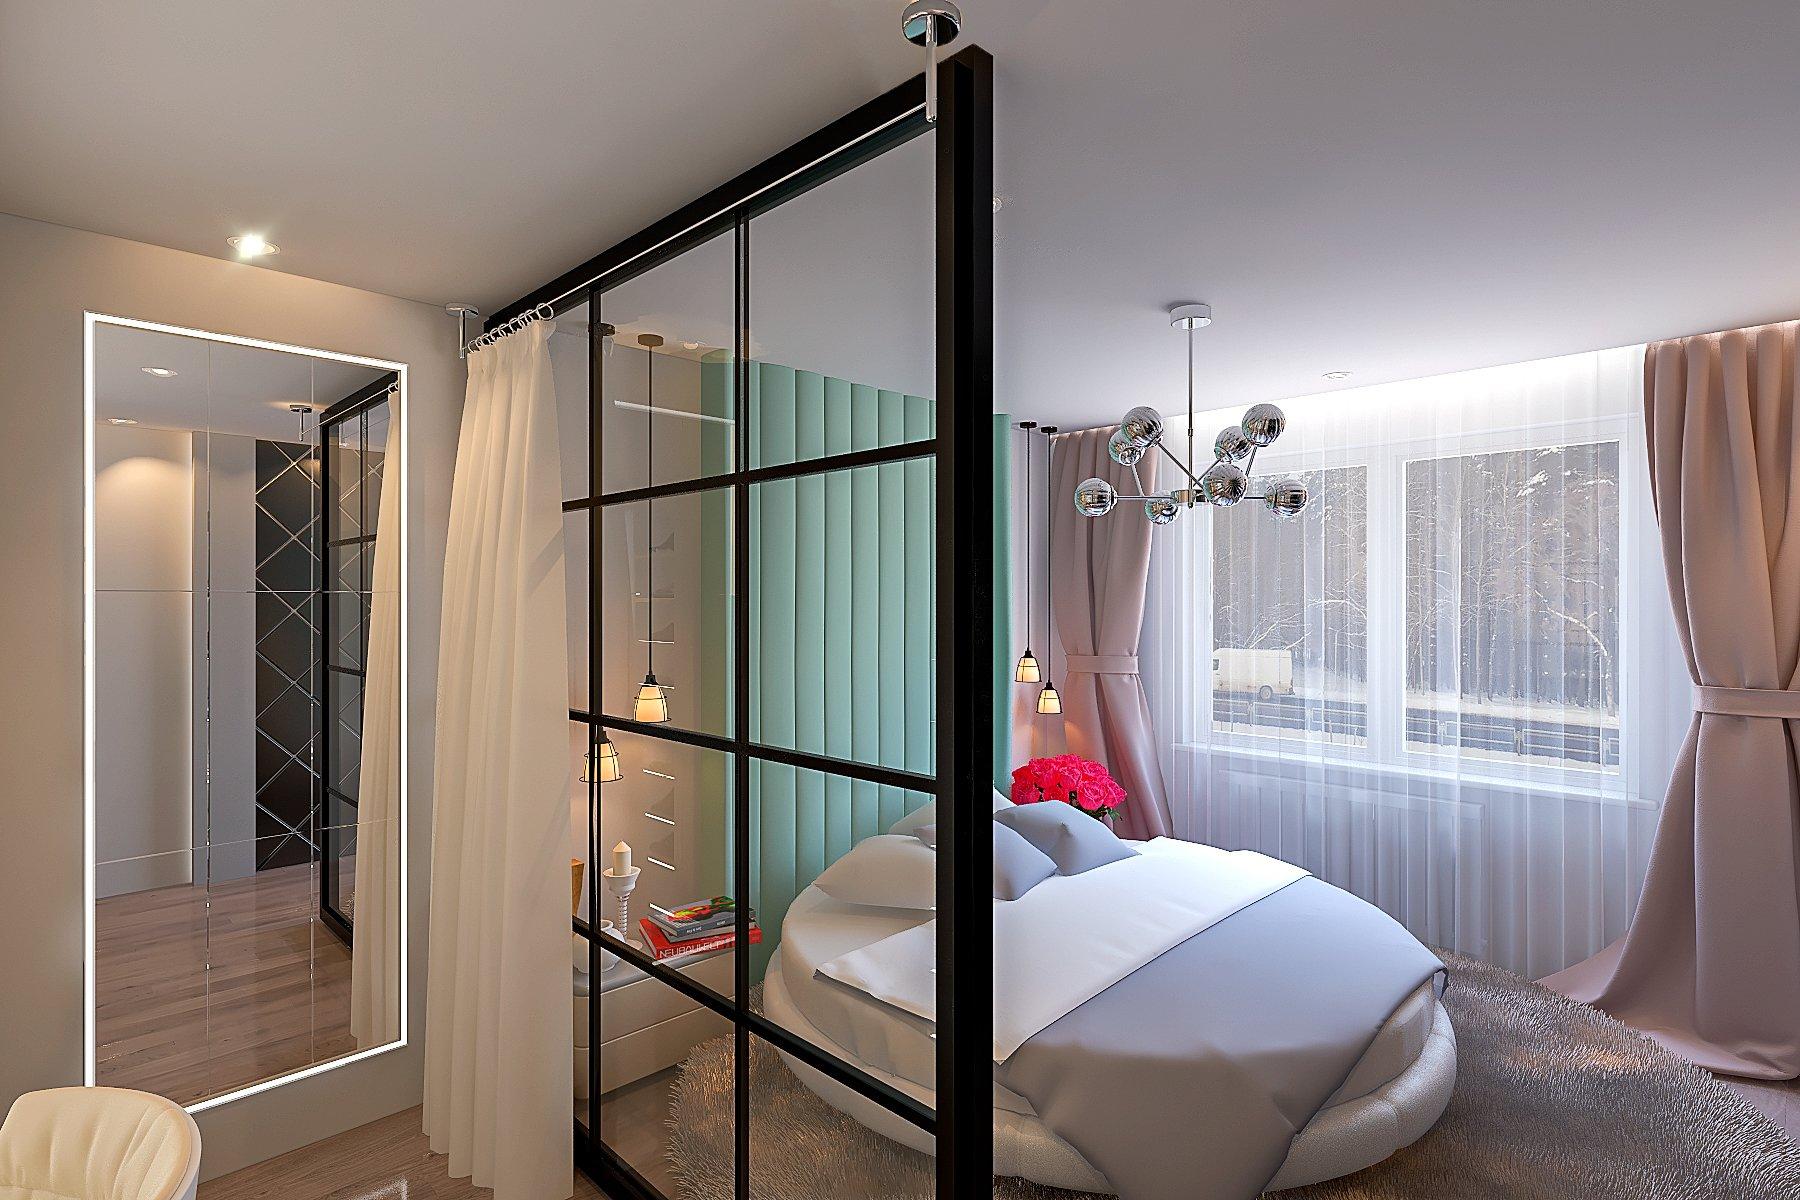 Светлая спальня в современном стиле фото, дизайн, 15 - 16 кв. м., шторы и тюль с подсветкой, зеленая обивка изголовья